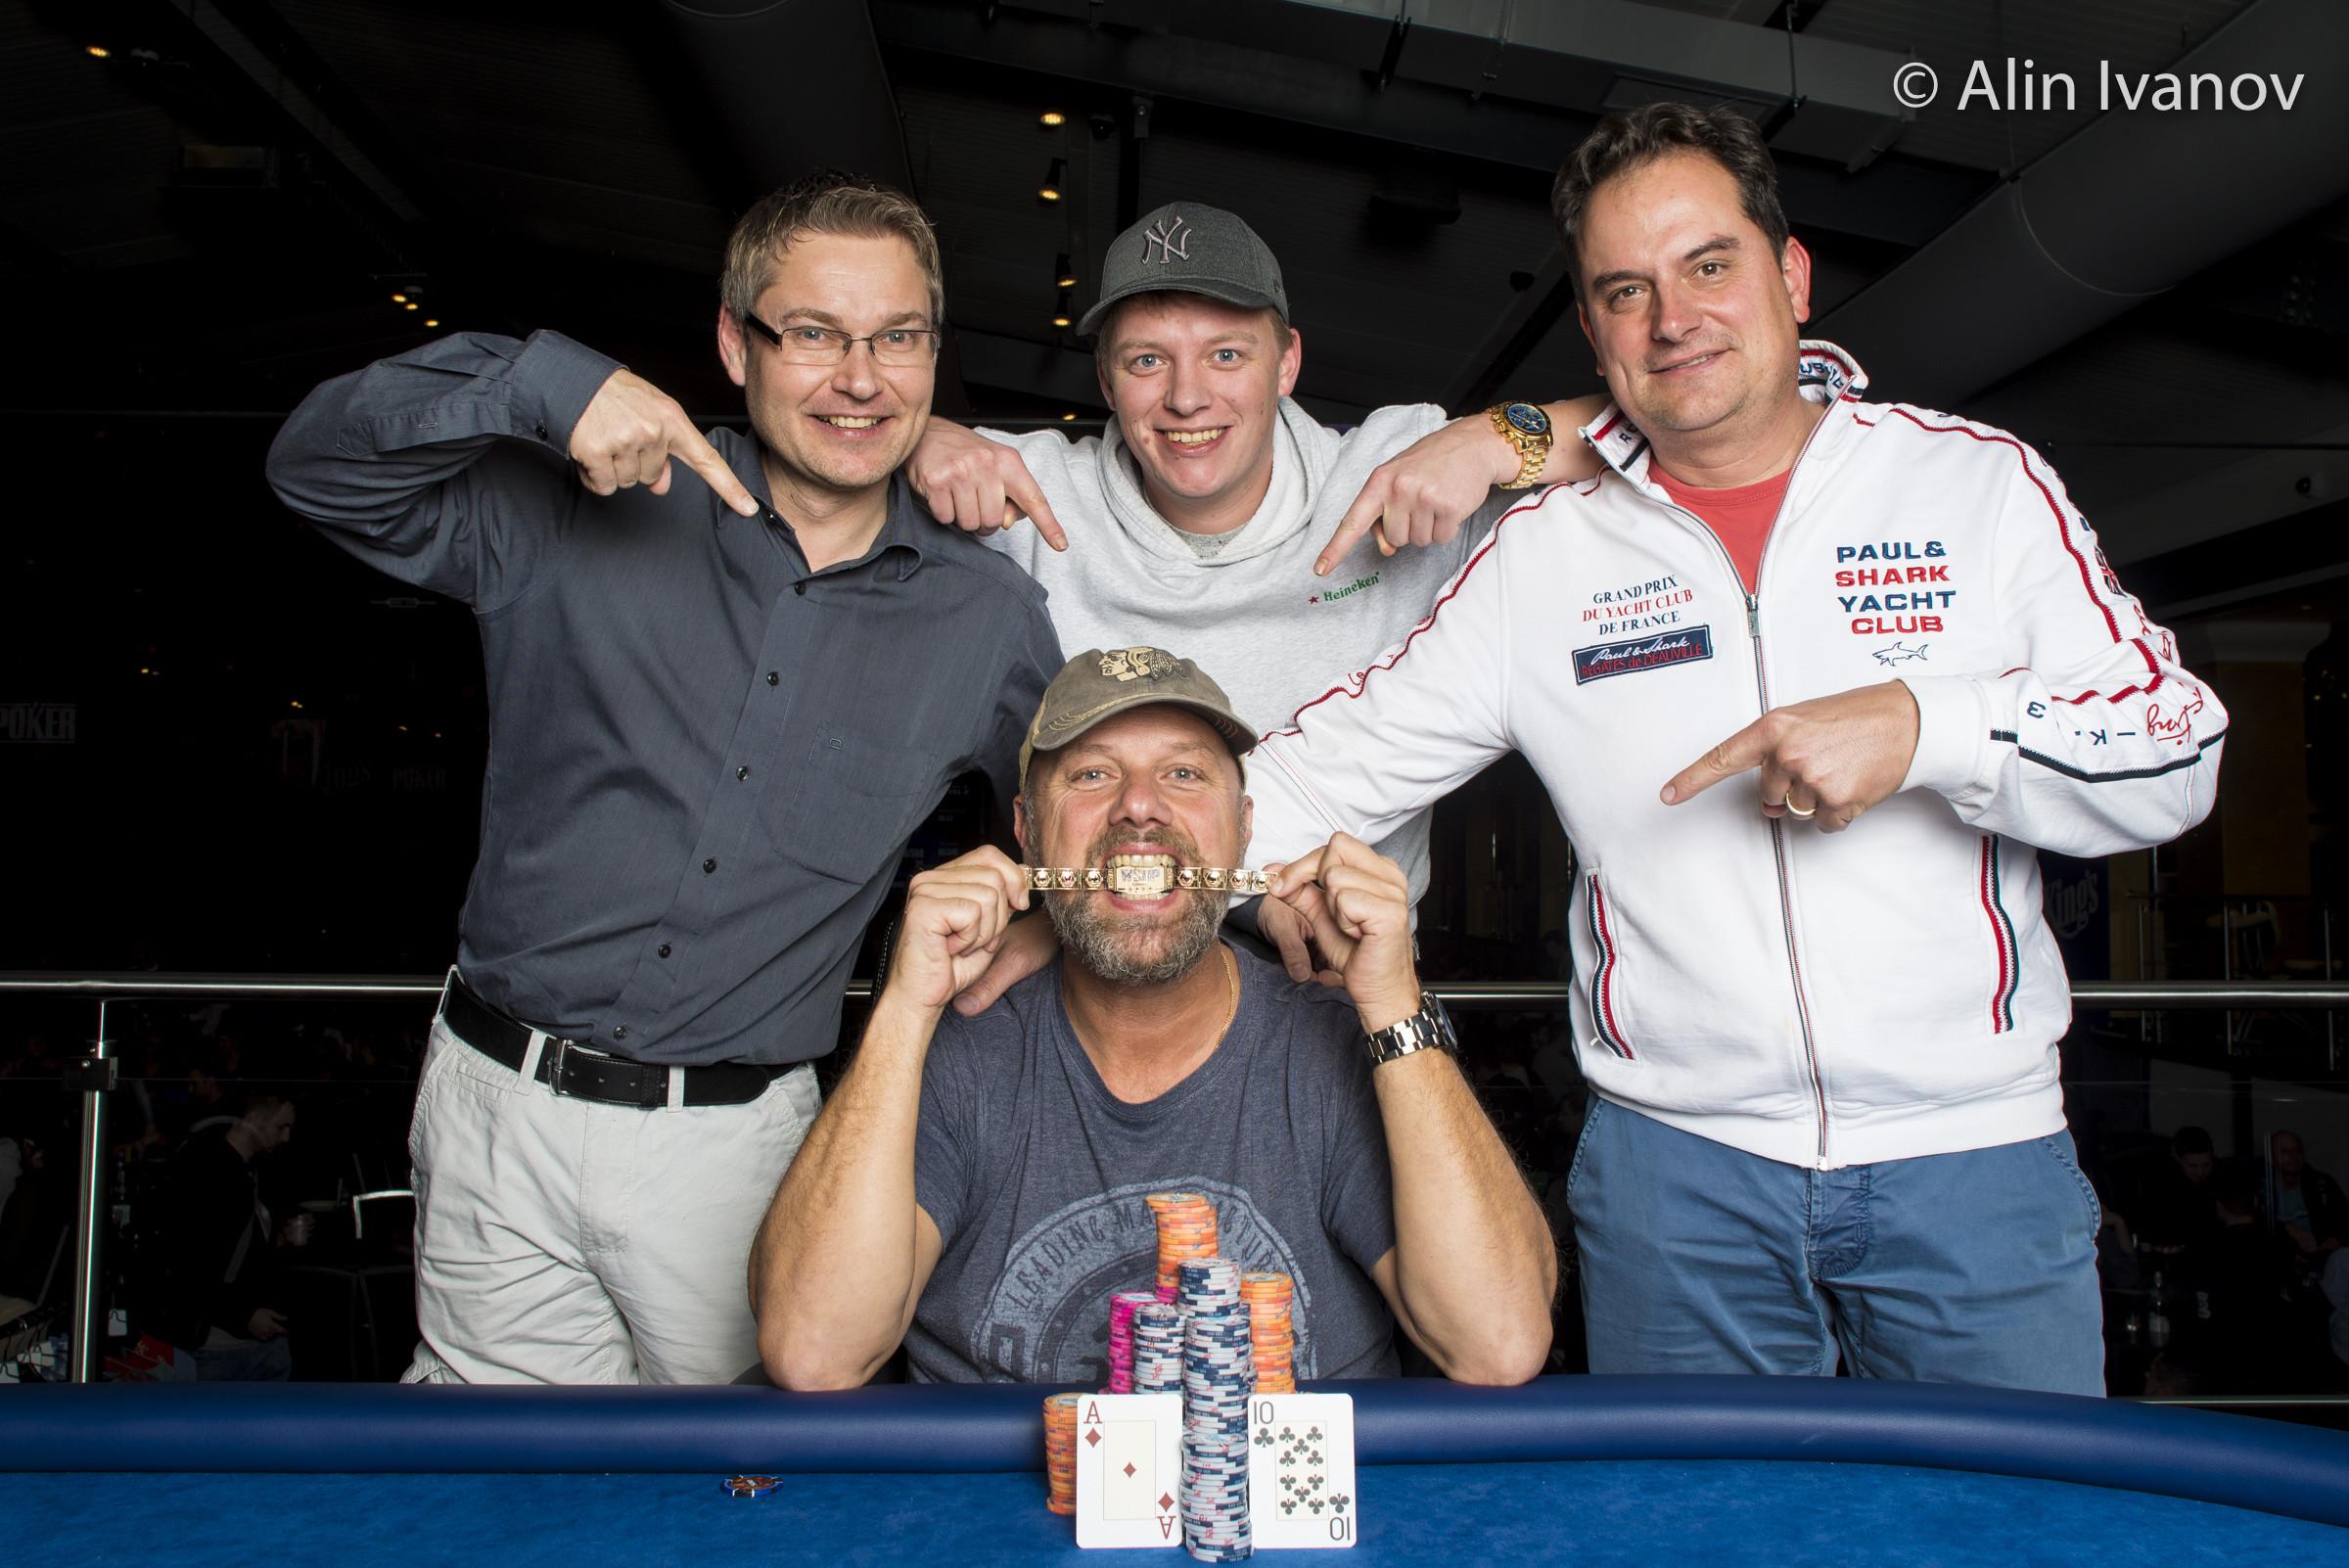 Albert Hoekendijk, WSOPE Event #9 Winner